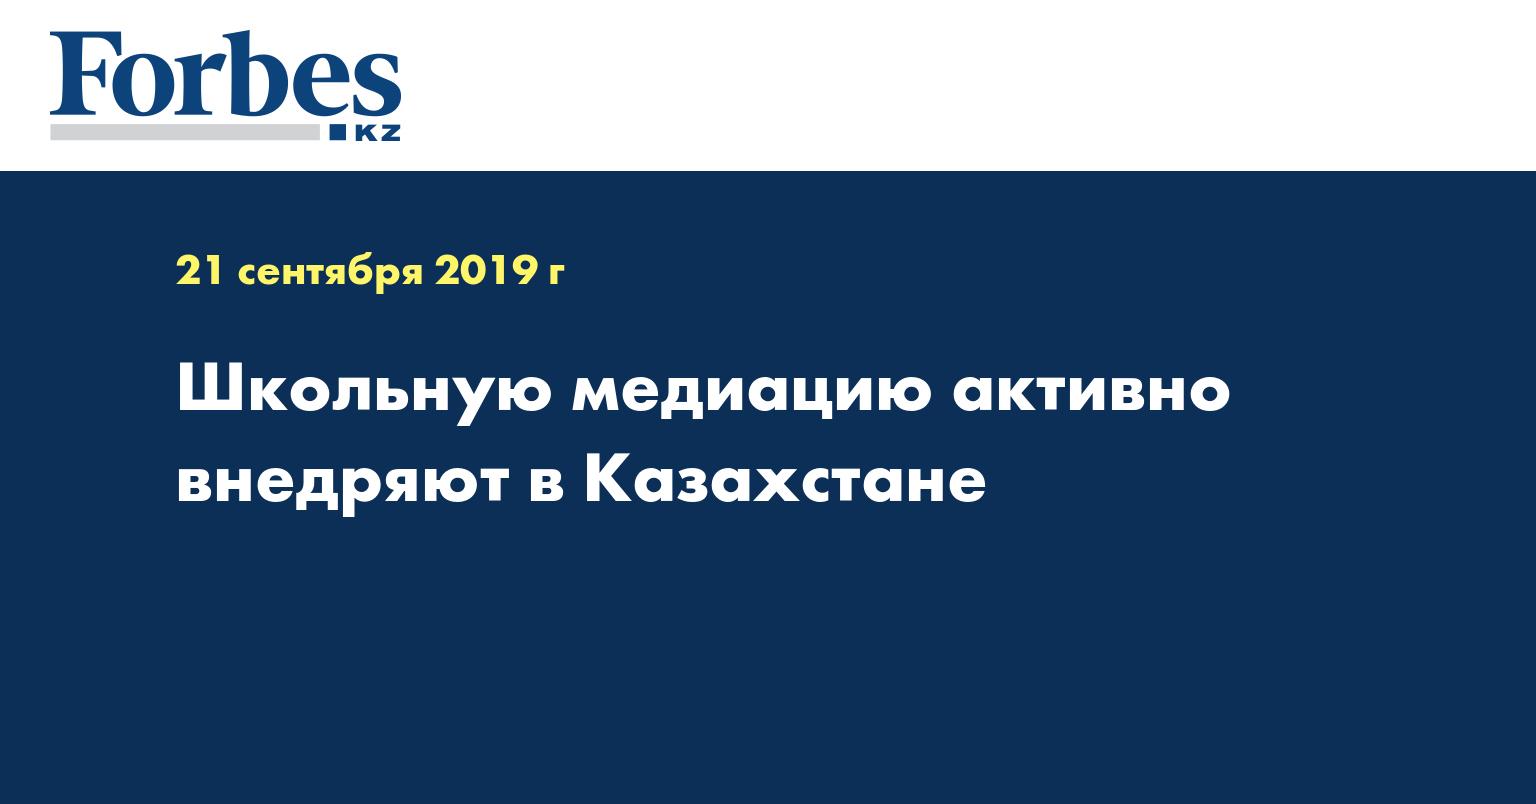 Школьную медиацию активно внедряют в Казахстане